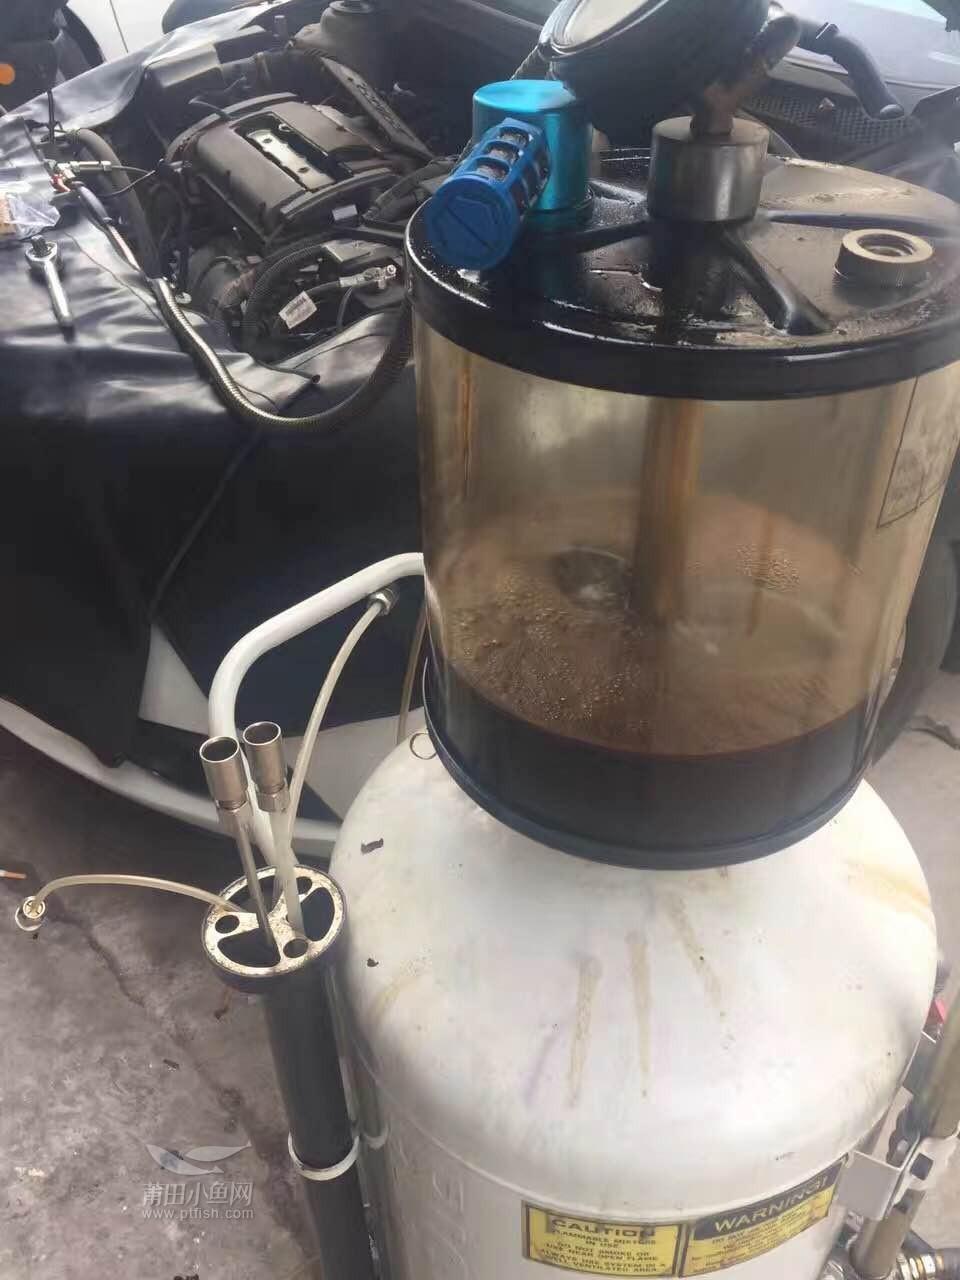 雪佛兰科鲁兹更换机油 机油格 清洗发动机【金声汽车服务】